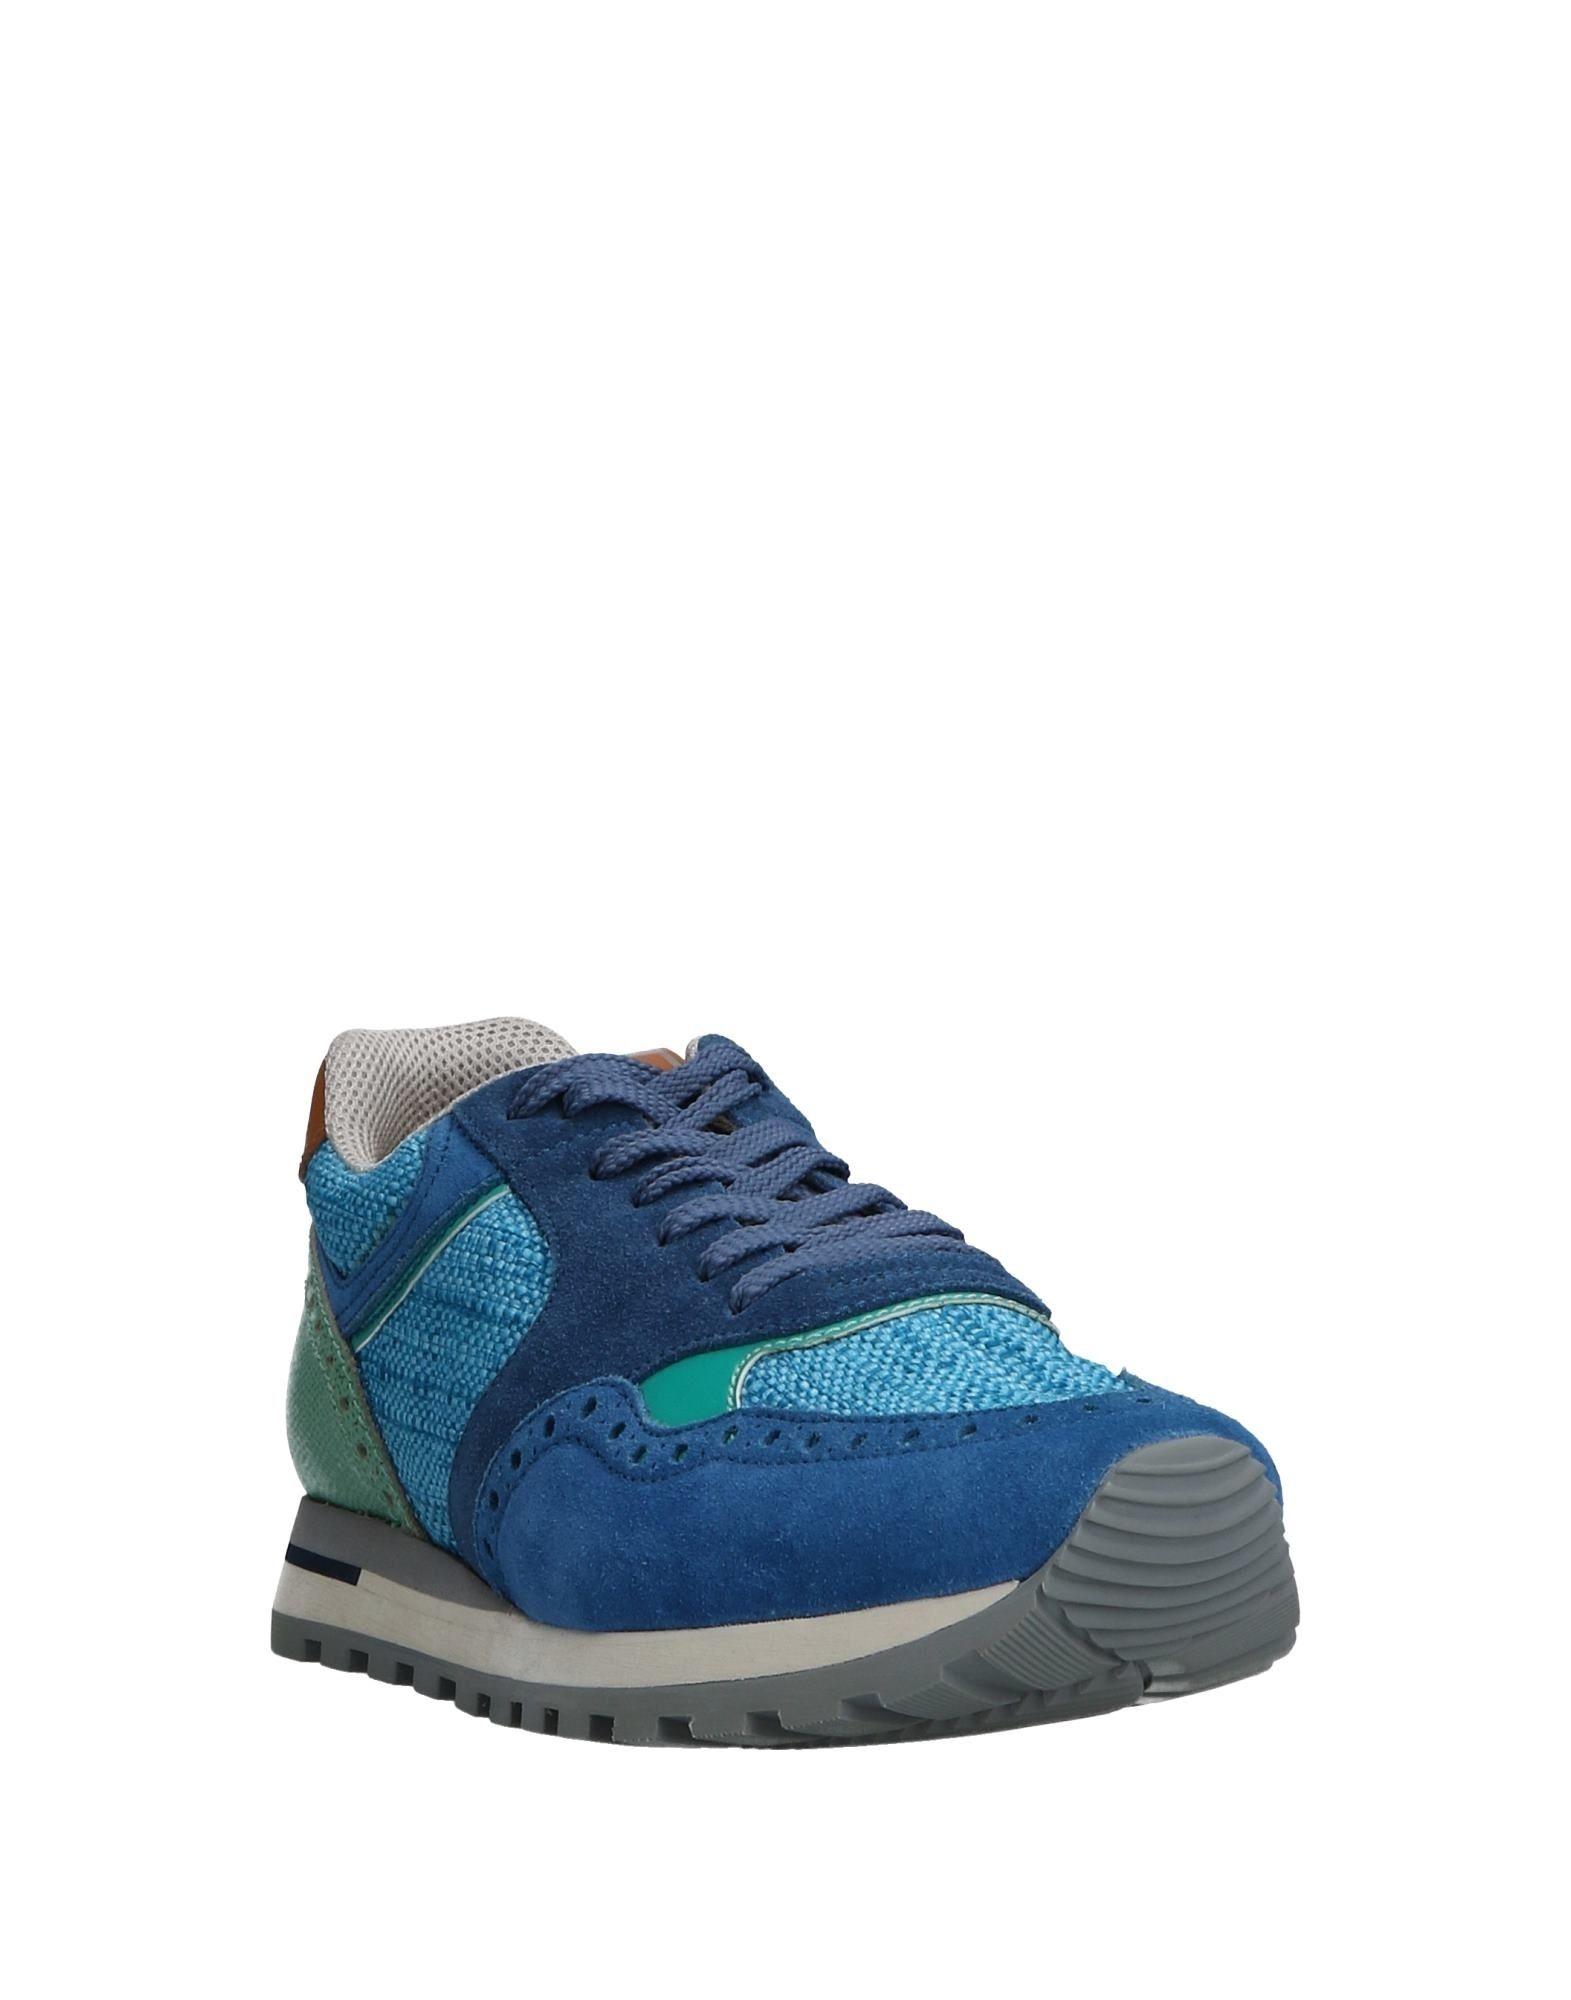 Brimarts Sneakers Herren Herren Sneakers  11531198EK 7857be